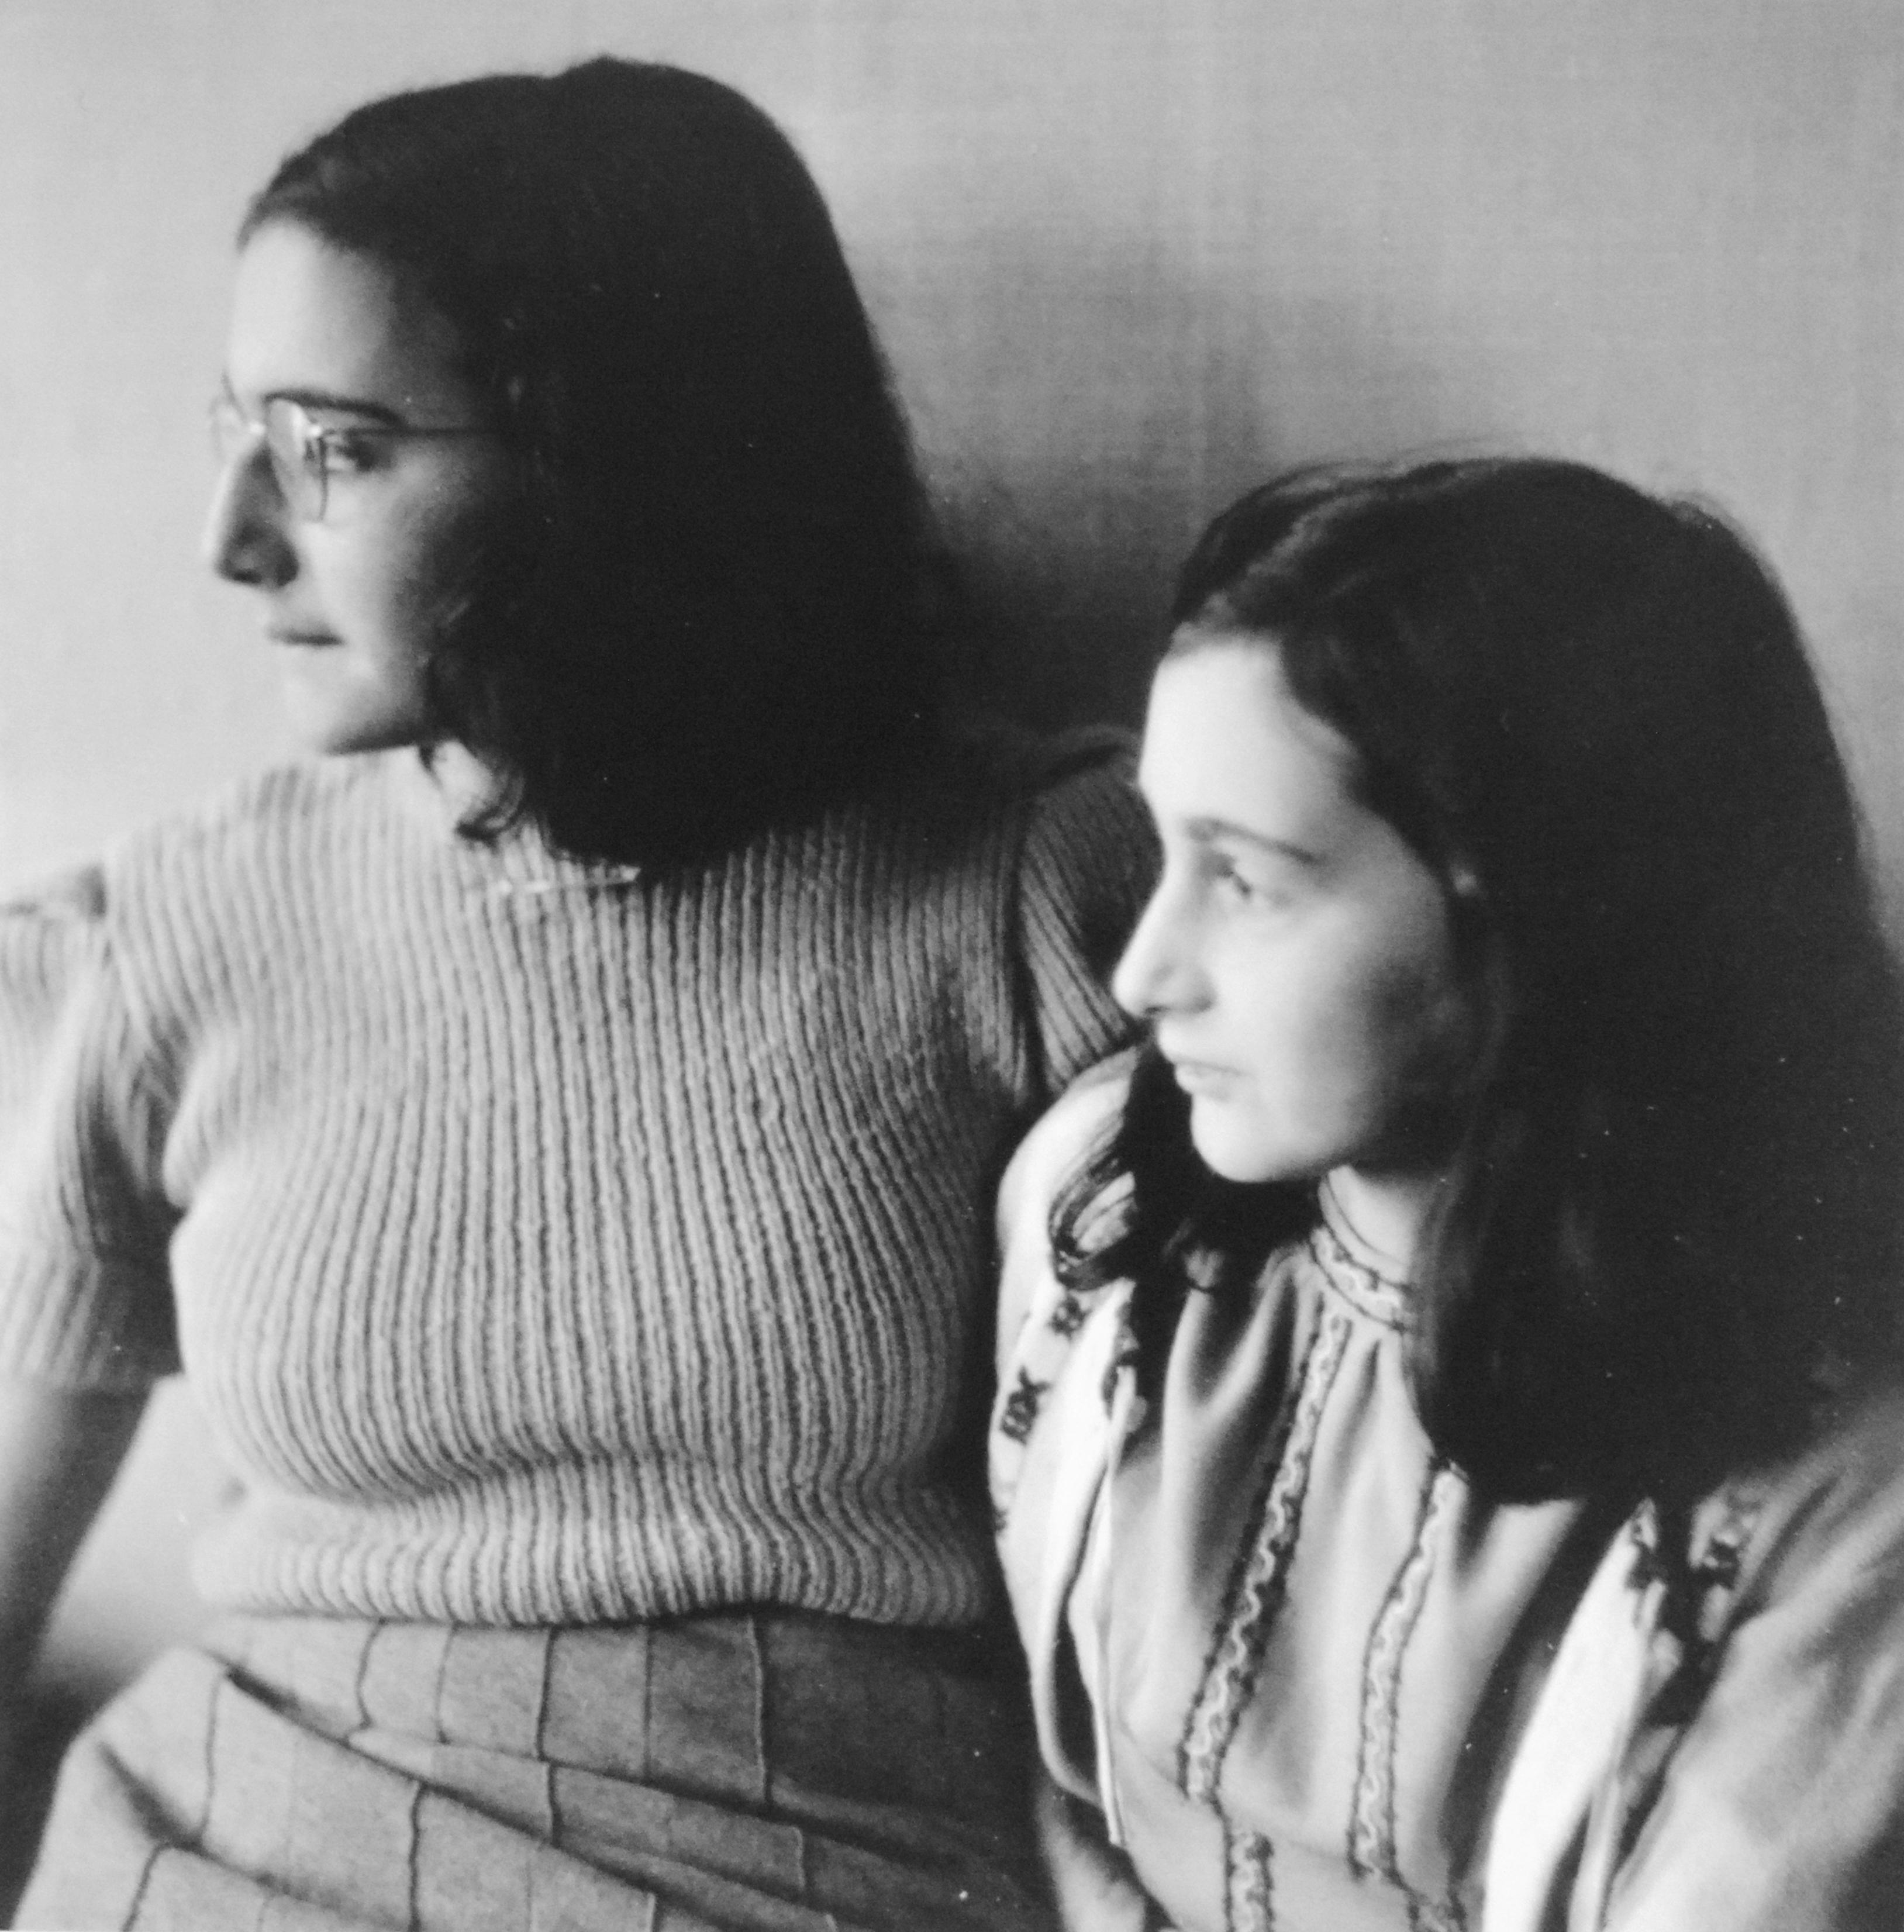 Margot Frank dies in concentration camp Bergen-Belsen from ...  |Margot Frank Concentration Camp